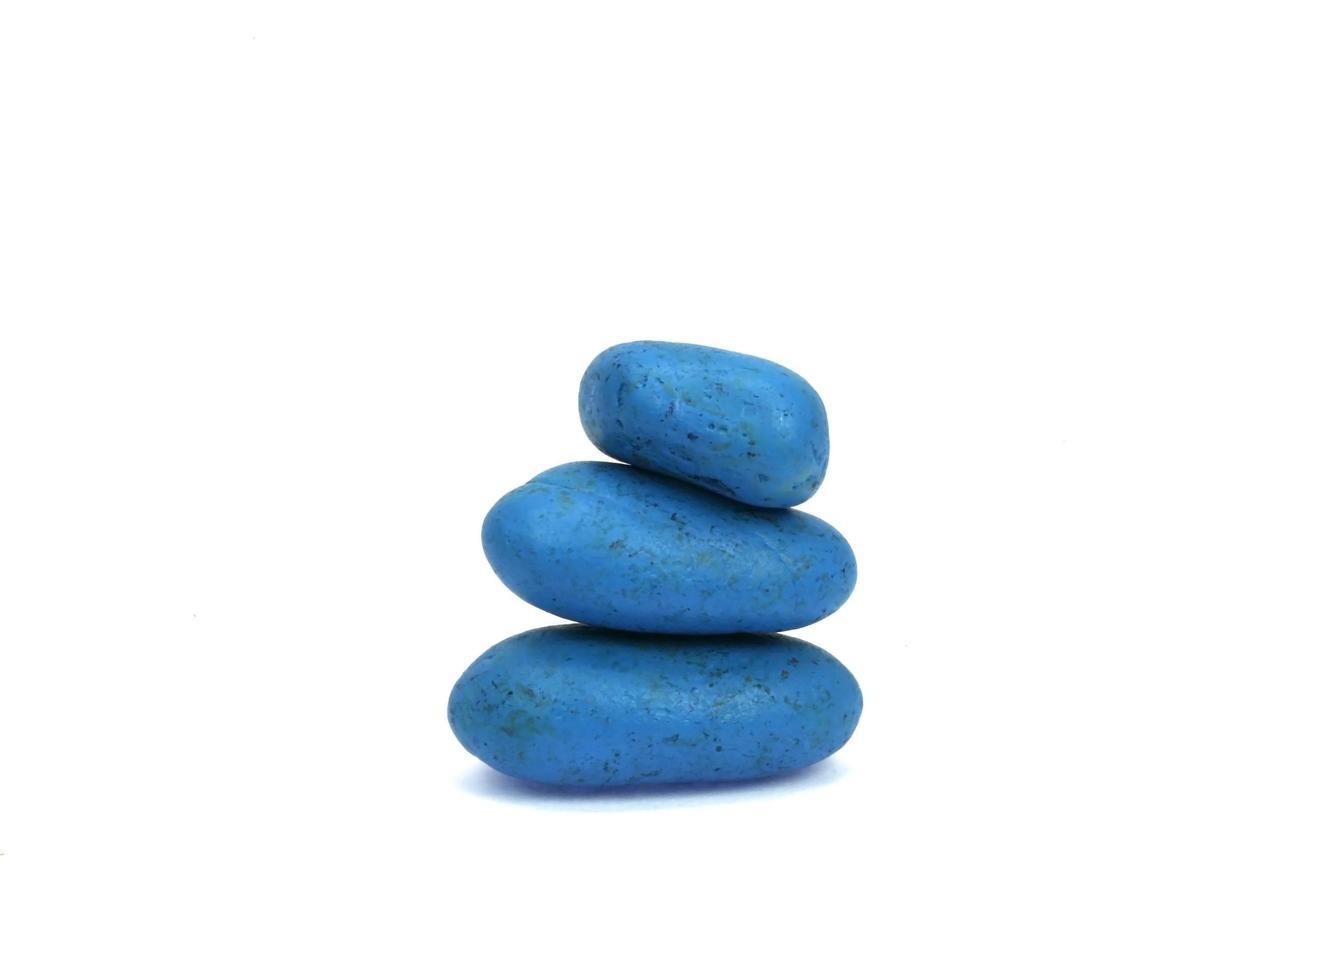 pietre blu su bianco foto